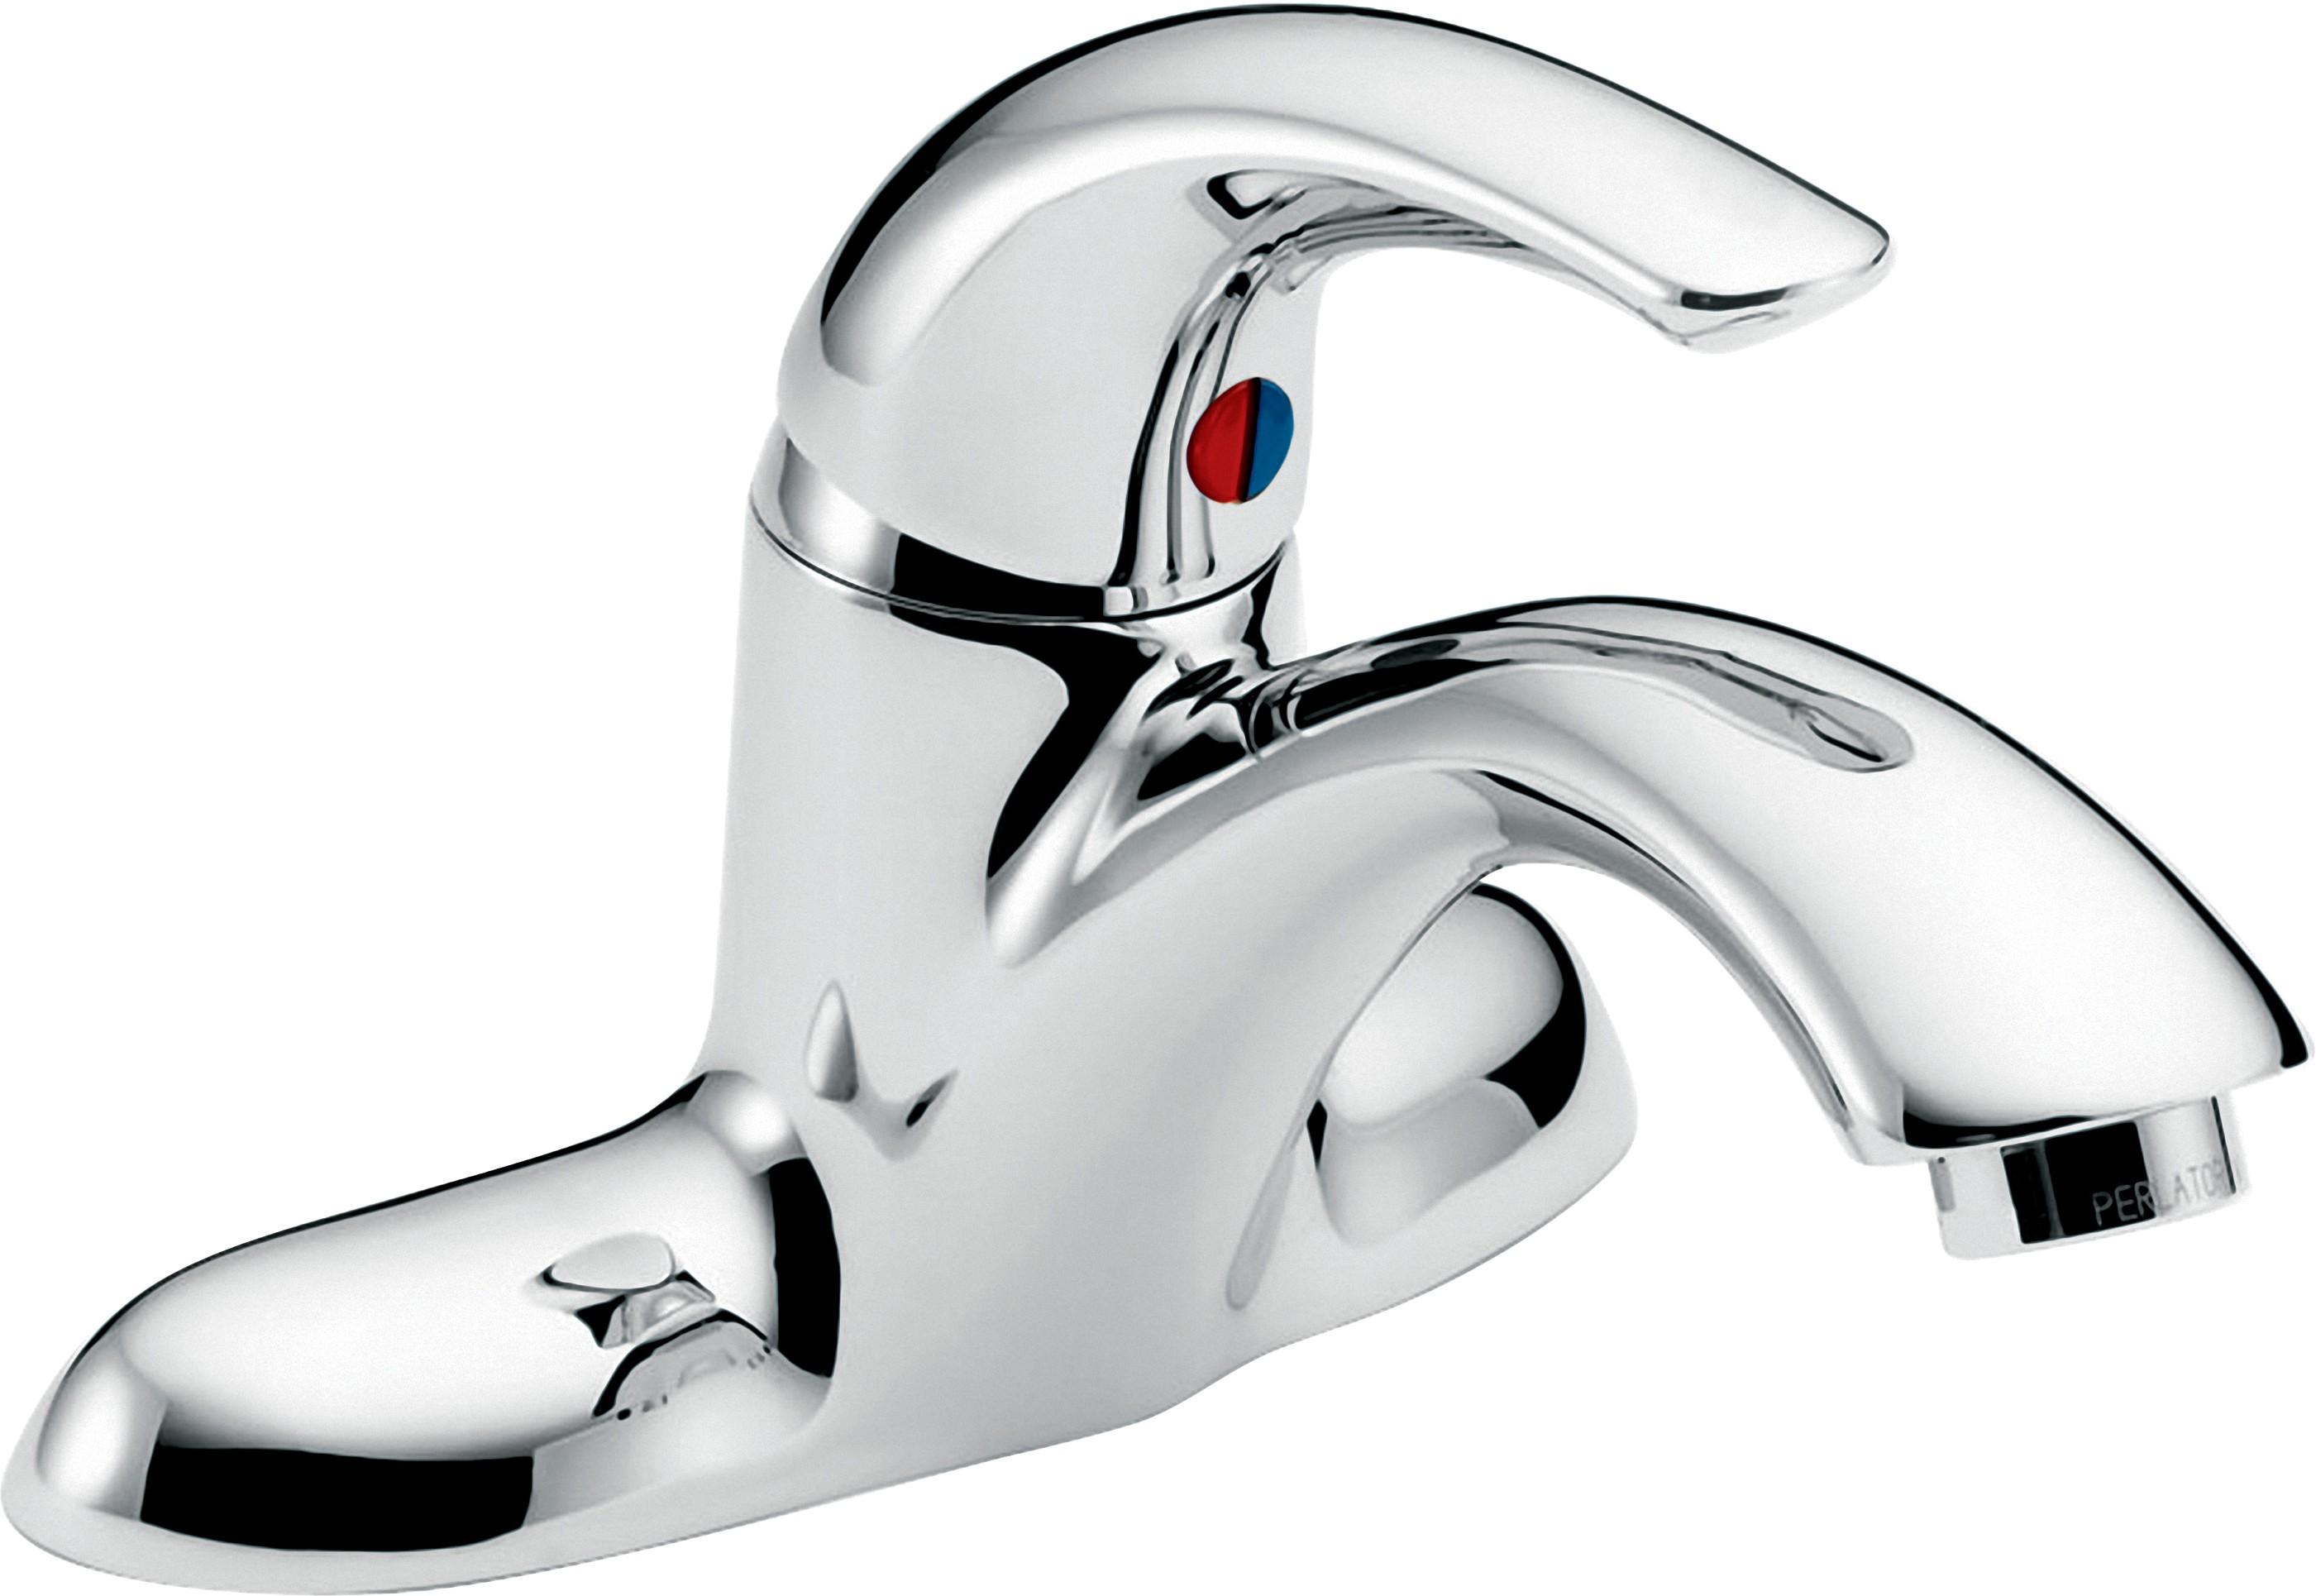 Delta Faucet Commercial : Delta Commercial 22C101 Single Handle 4